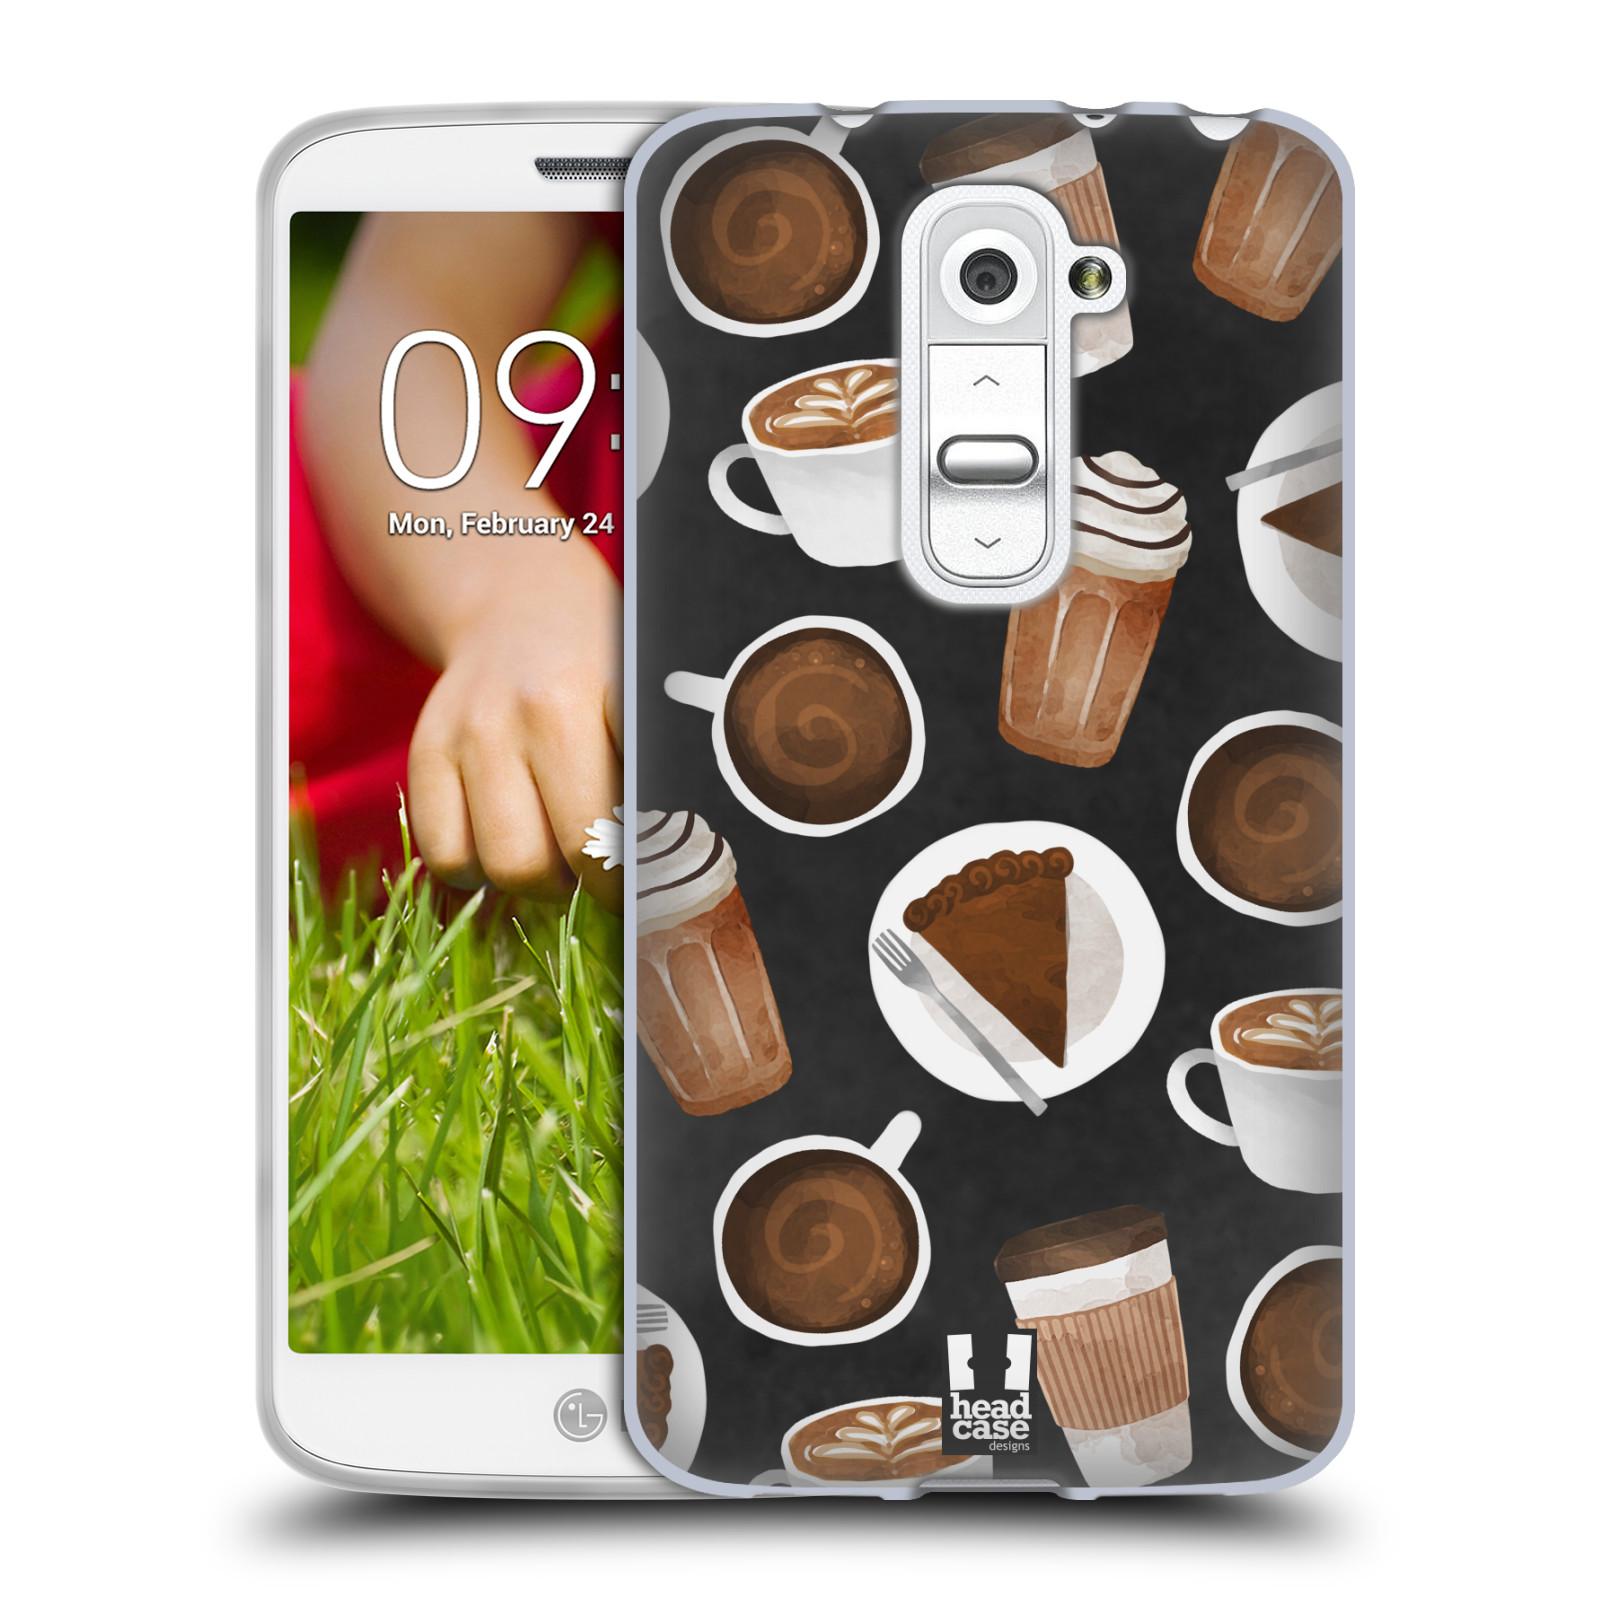 Silikonové pouzdro na mobil LG G2 Mini Head Case - Kafíčka a dortík (Silikonový kryt či obal na mobilní telefon s motivem kafíček pro LG G2 Mini D620)